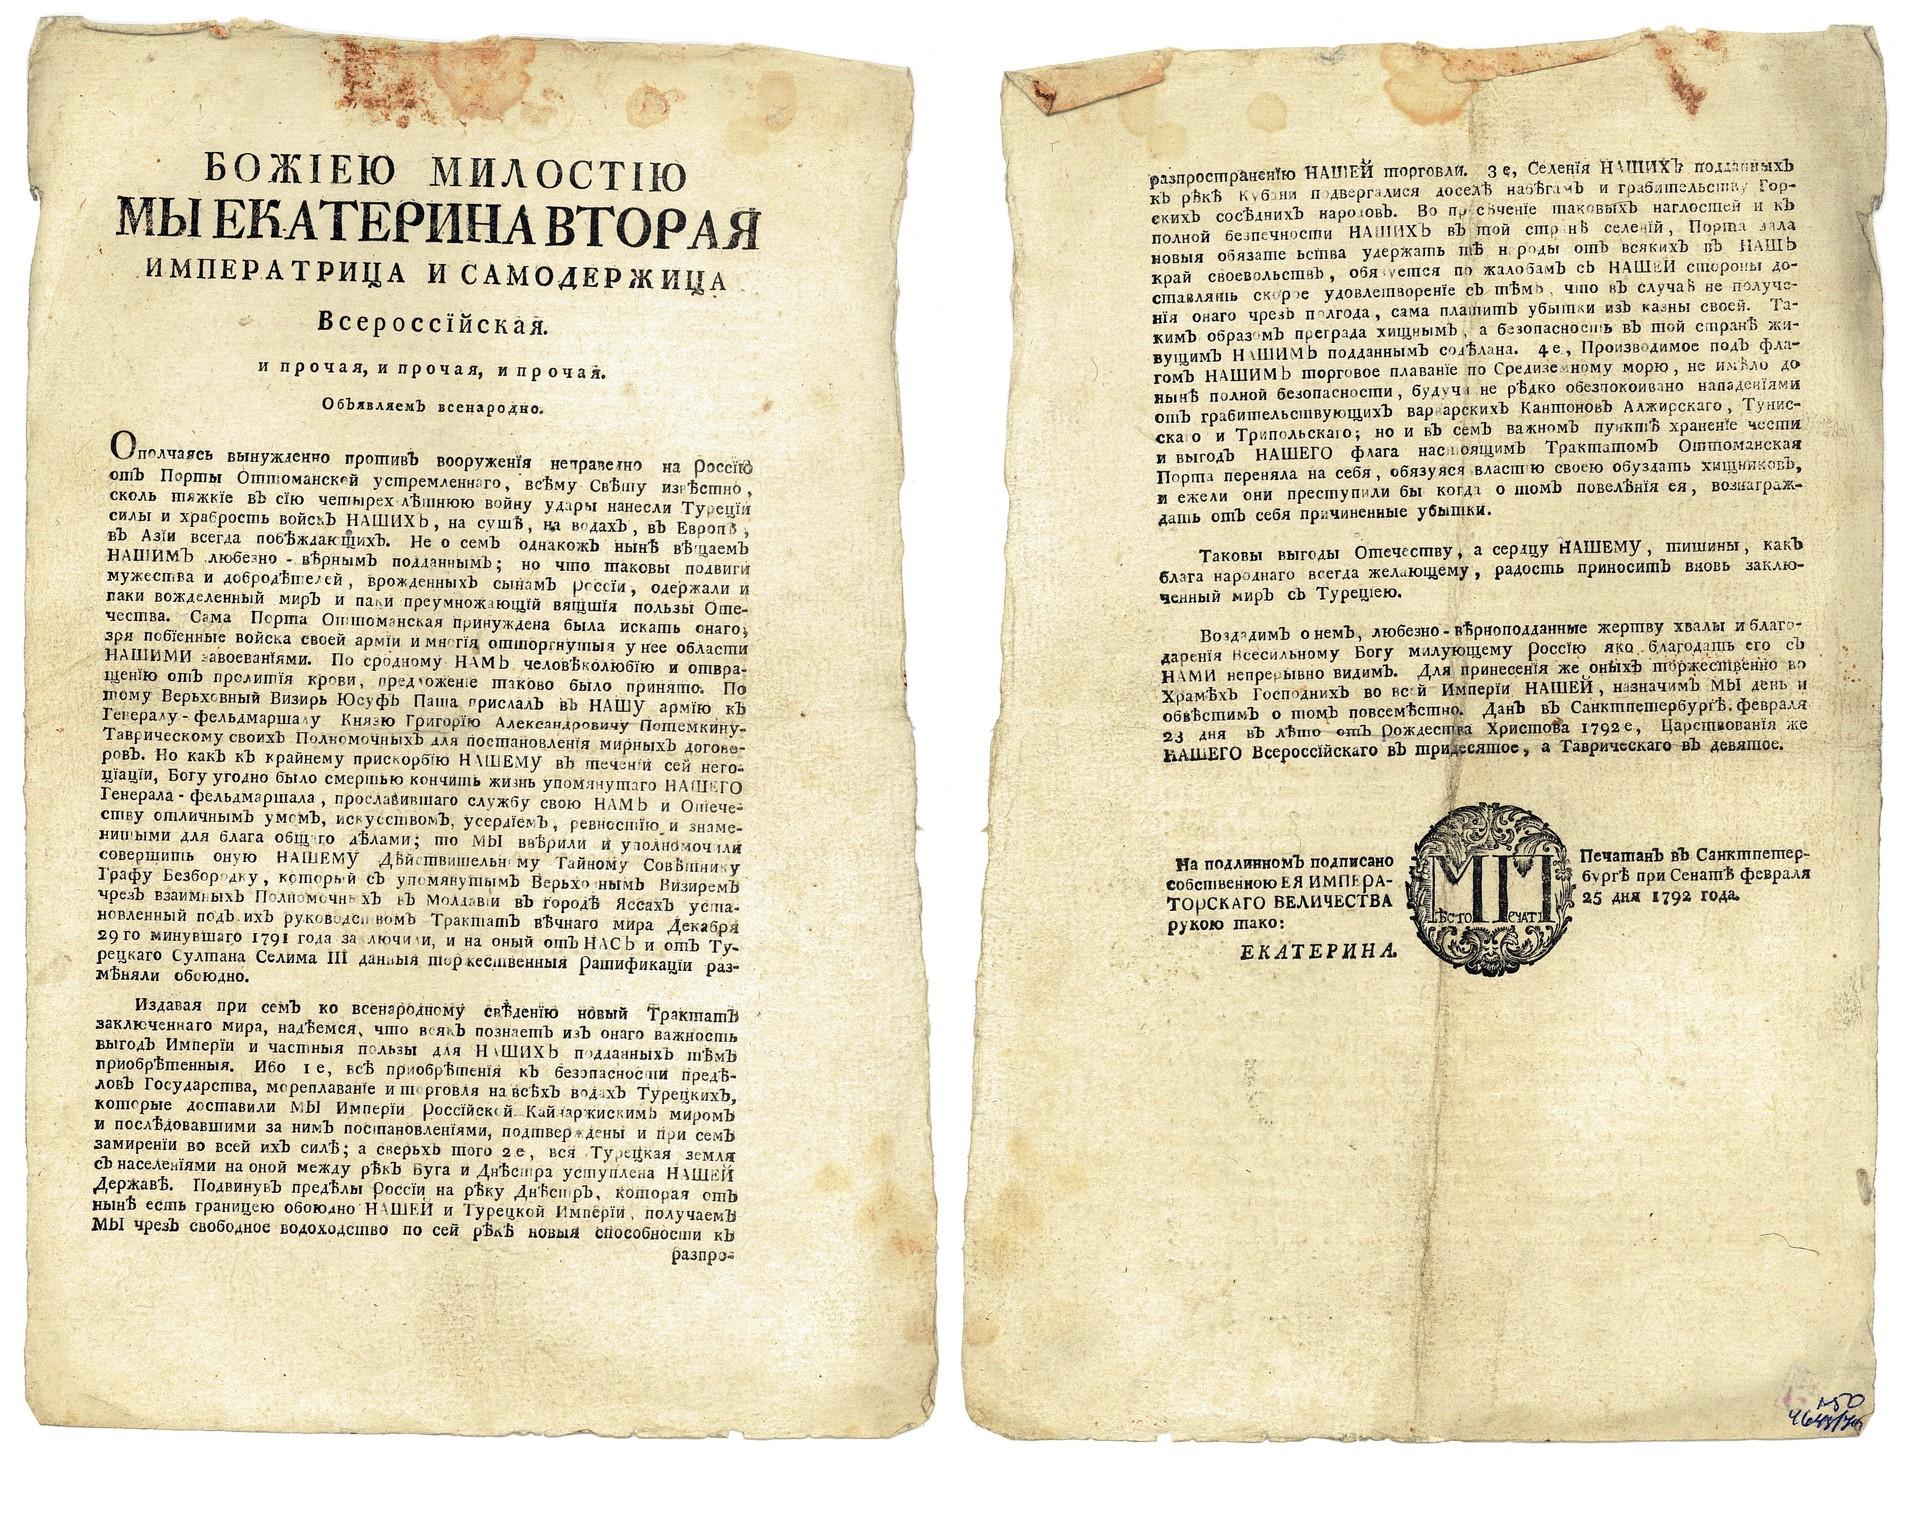 Manifesto sobre el Tratado de Jassy, 25 de febrero de 1792.